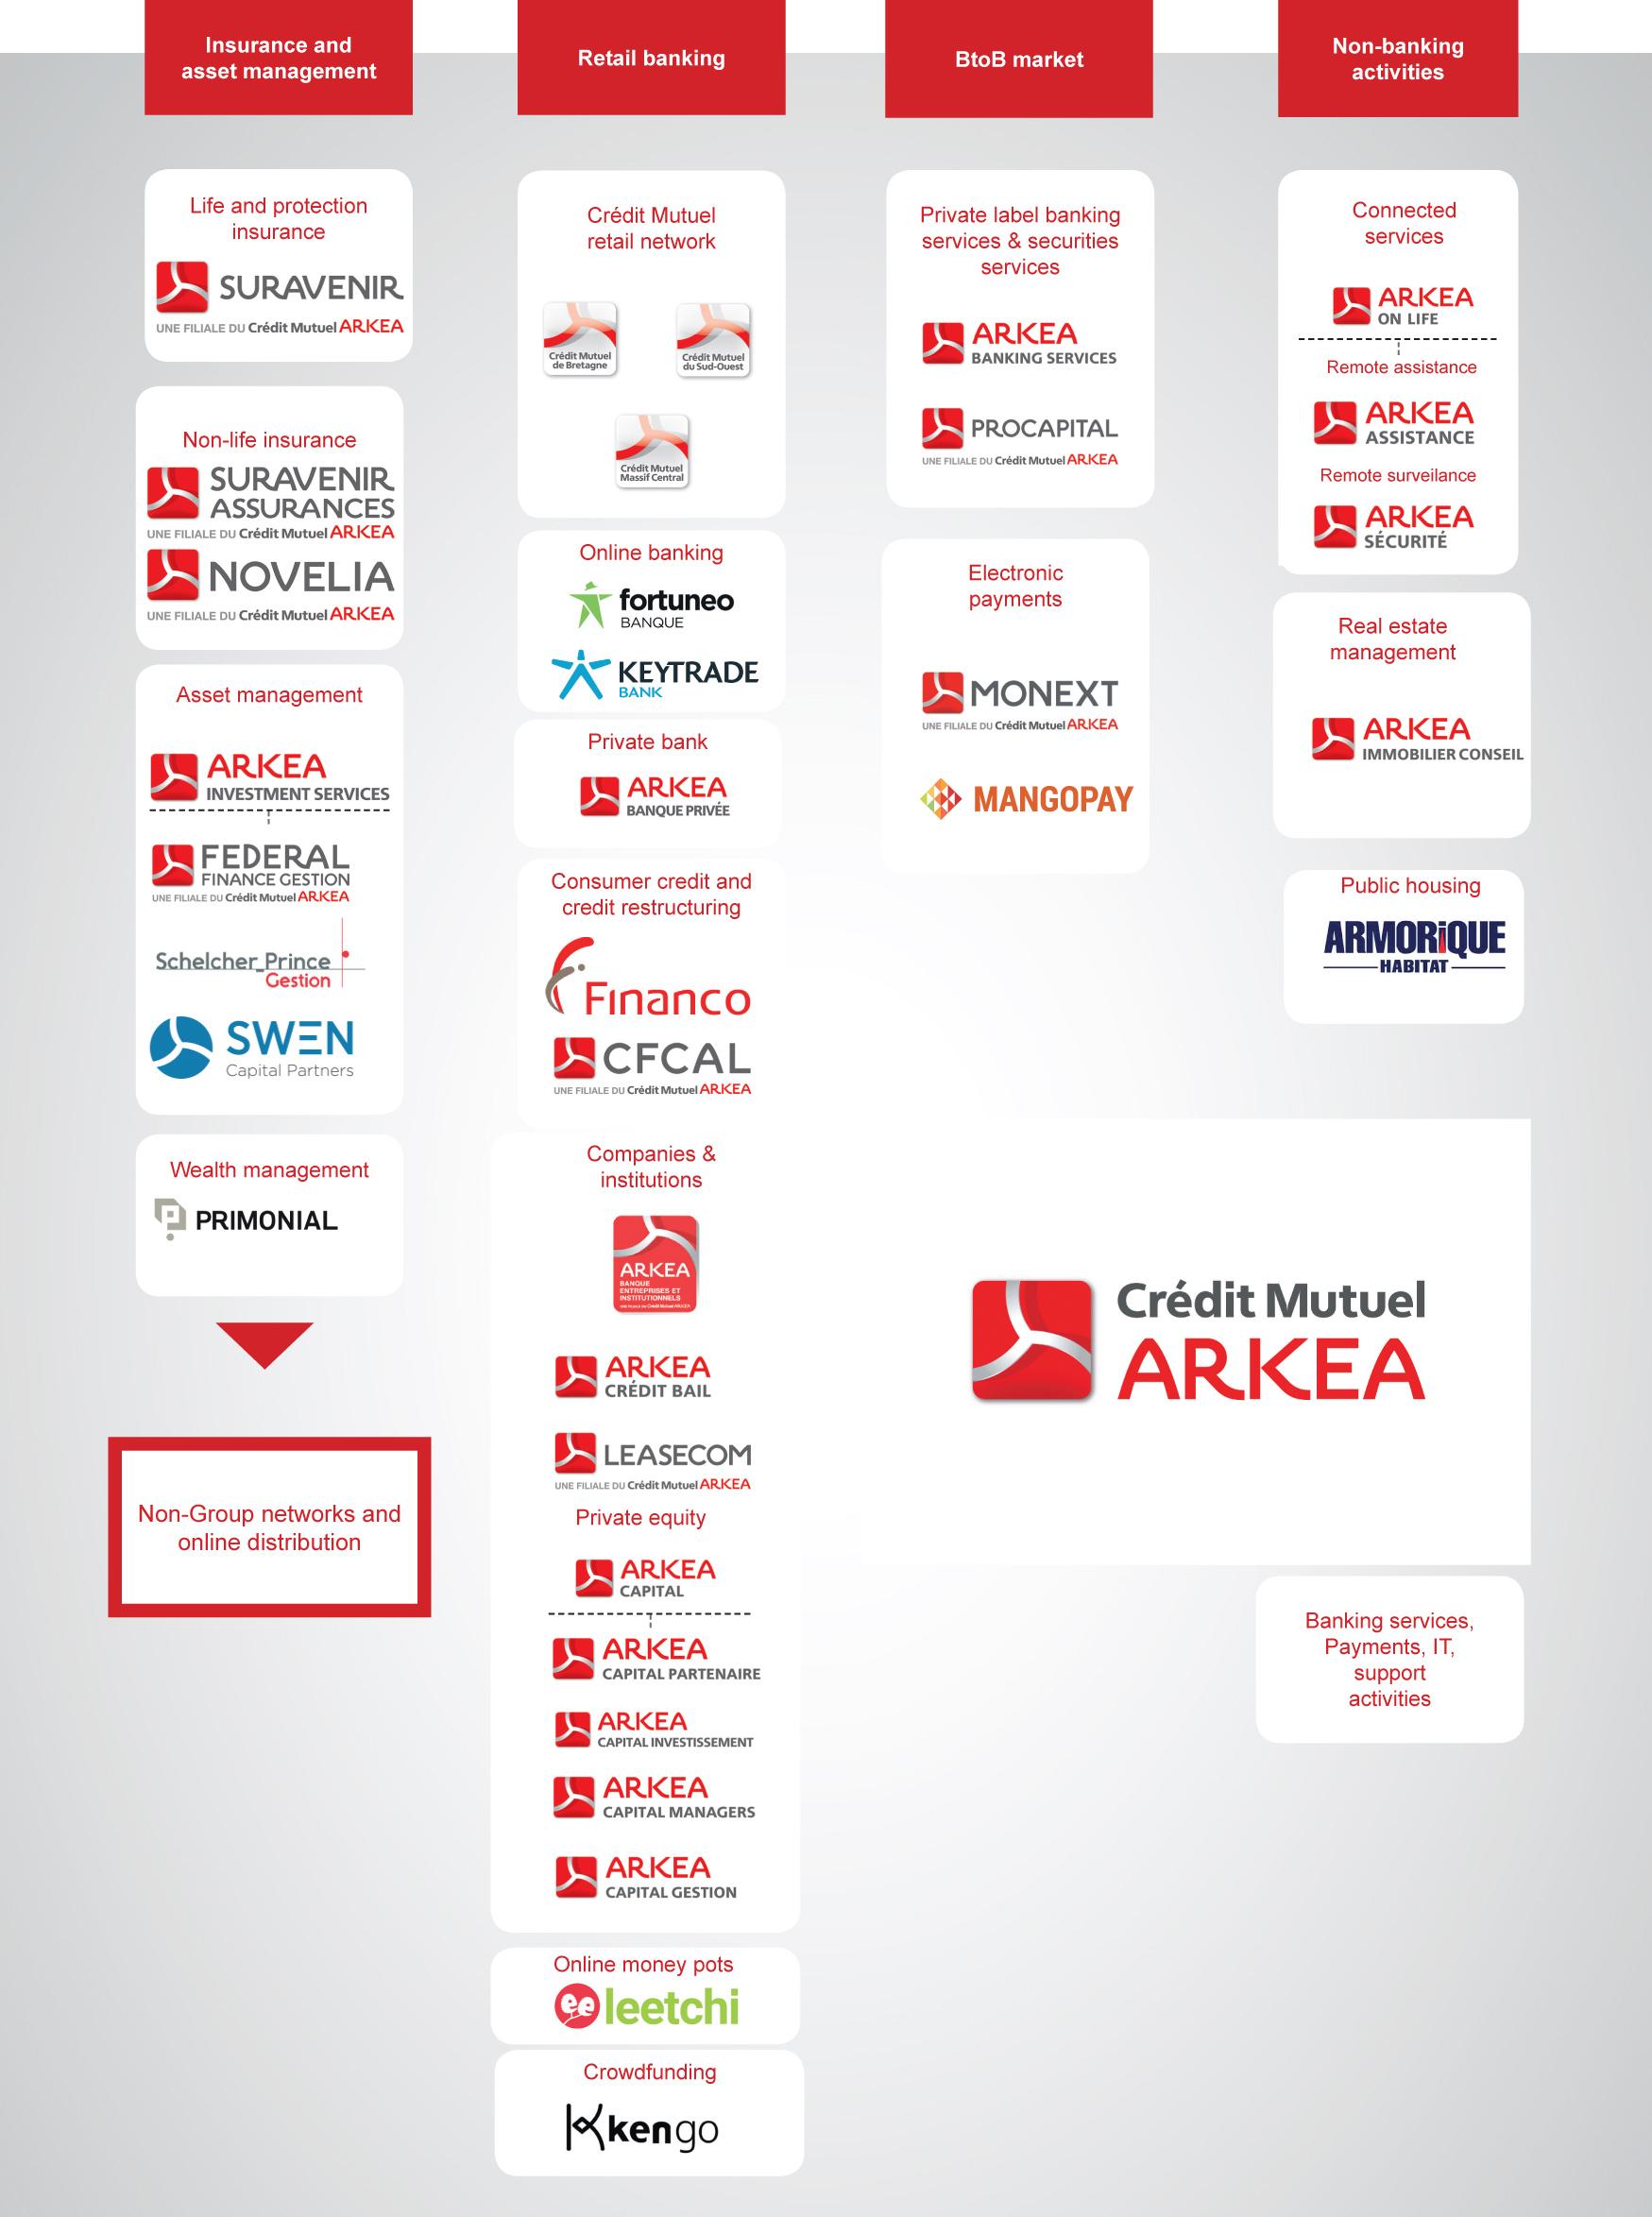 Image des entités du groupe Crédit Mutuel Arkéa